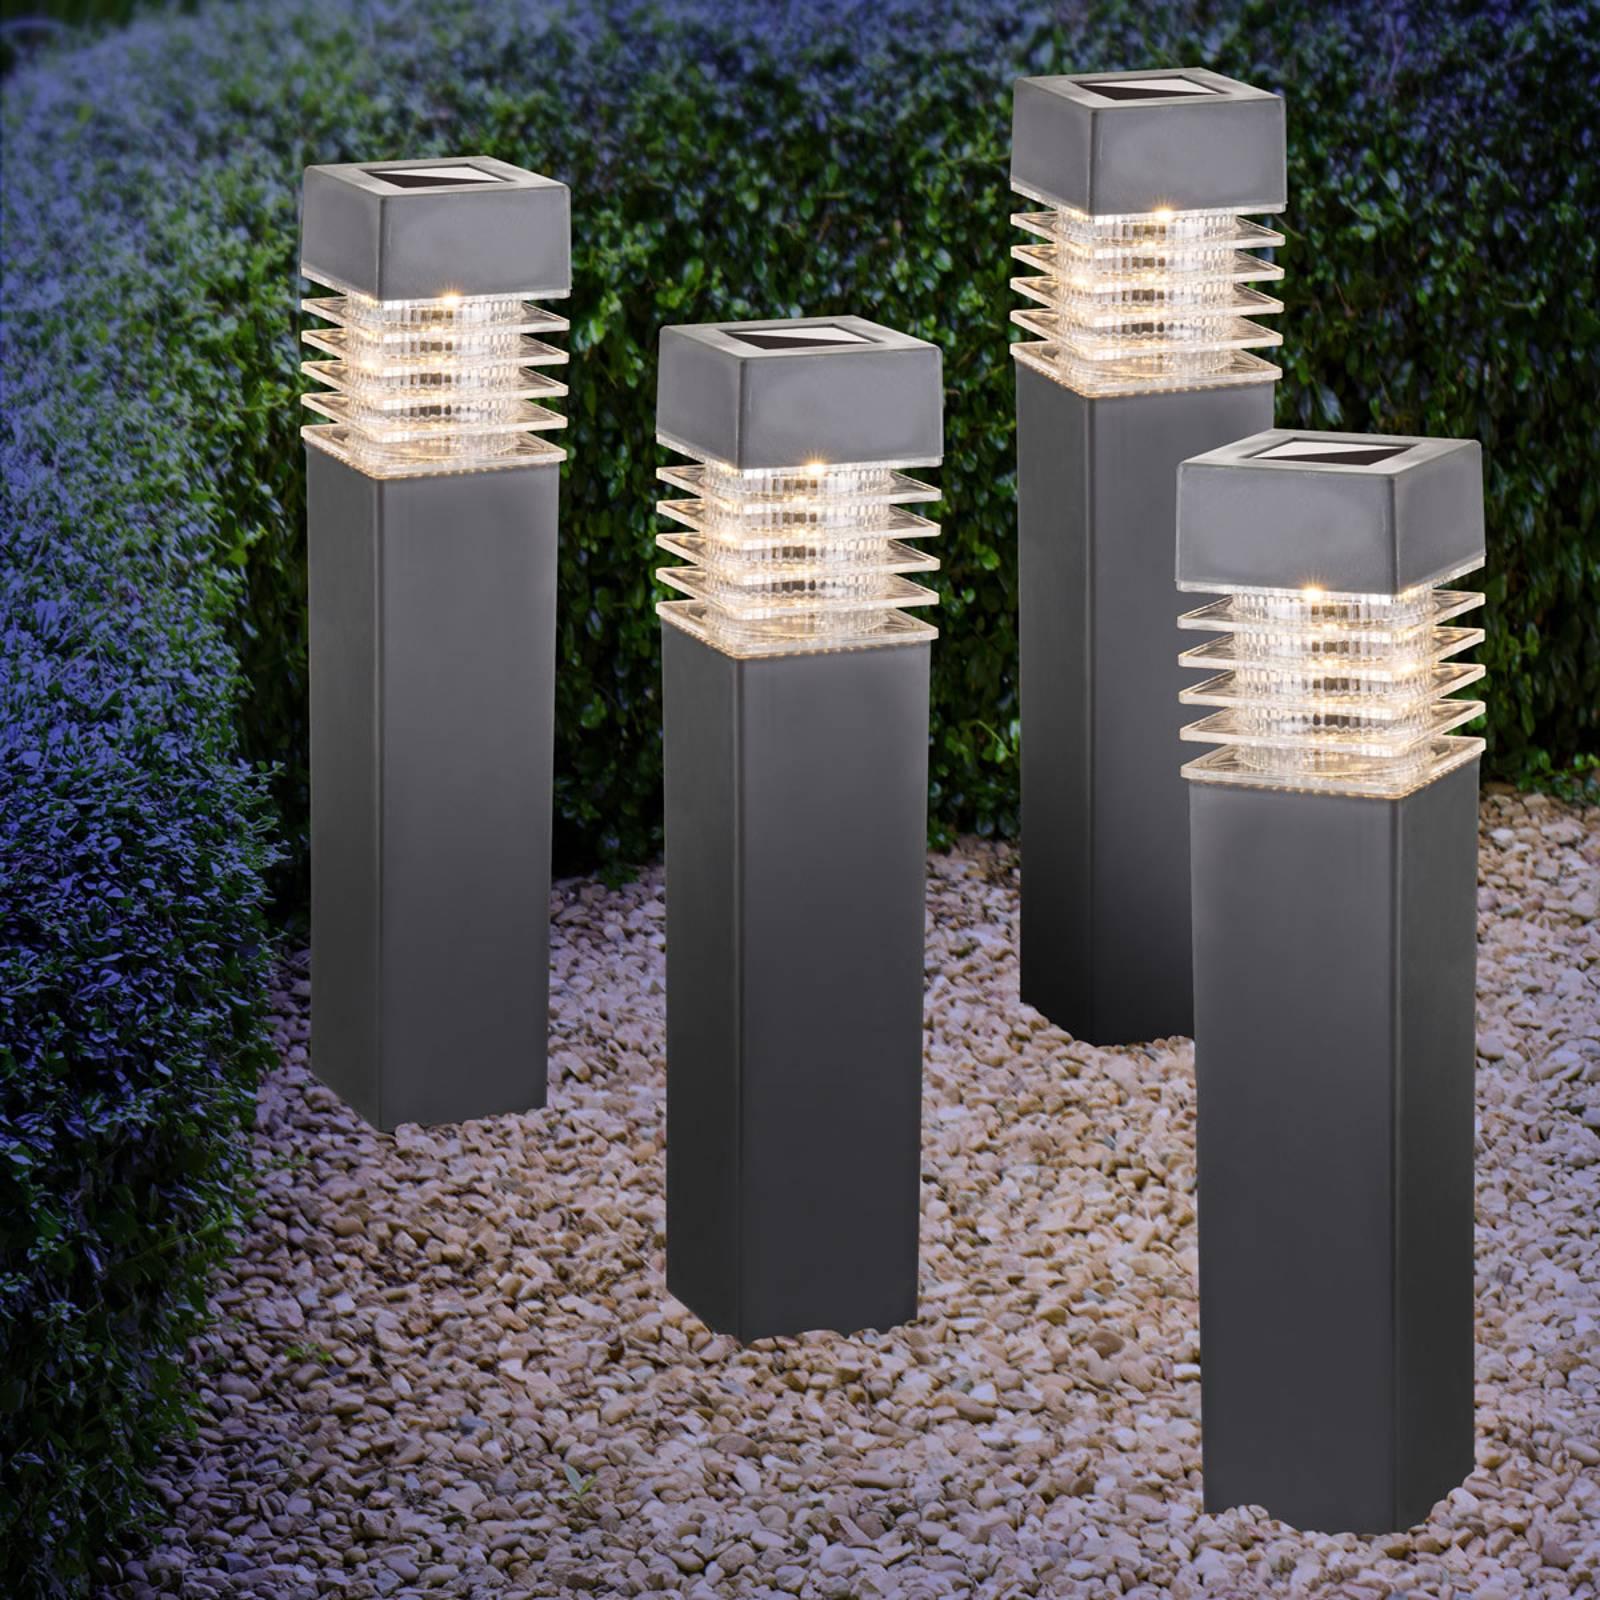 Solarna lampa z grotem ziemnym LED 33269-4 4 szt.